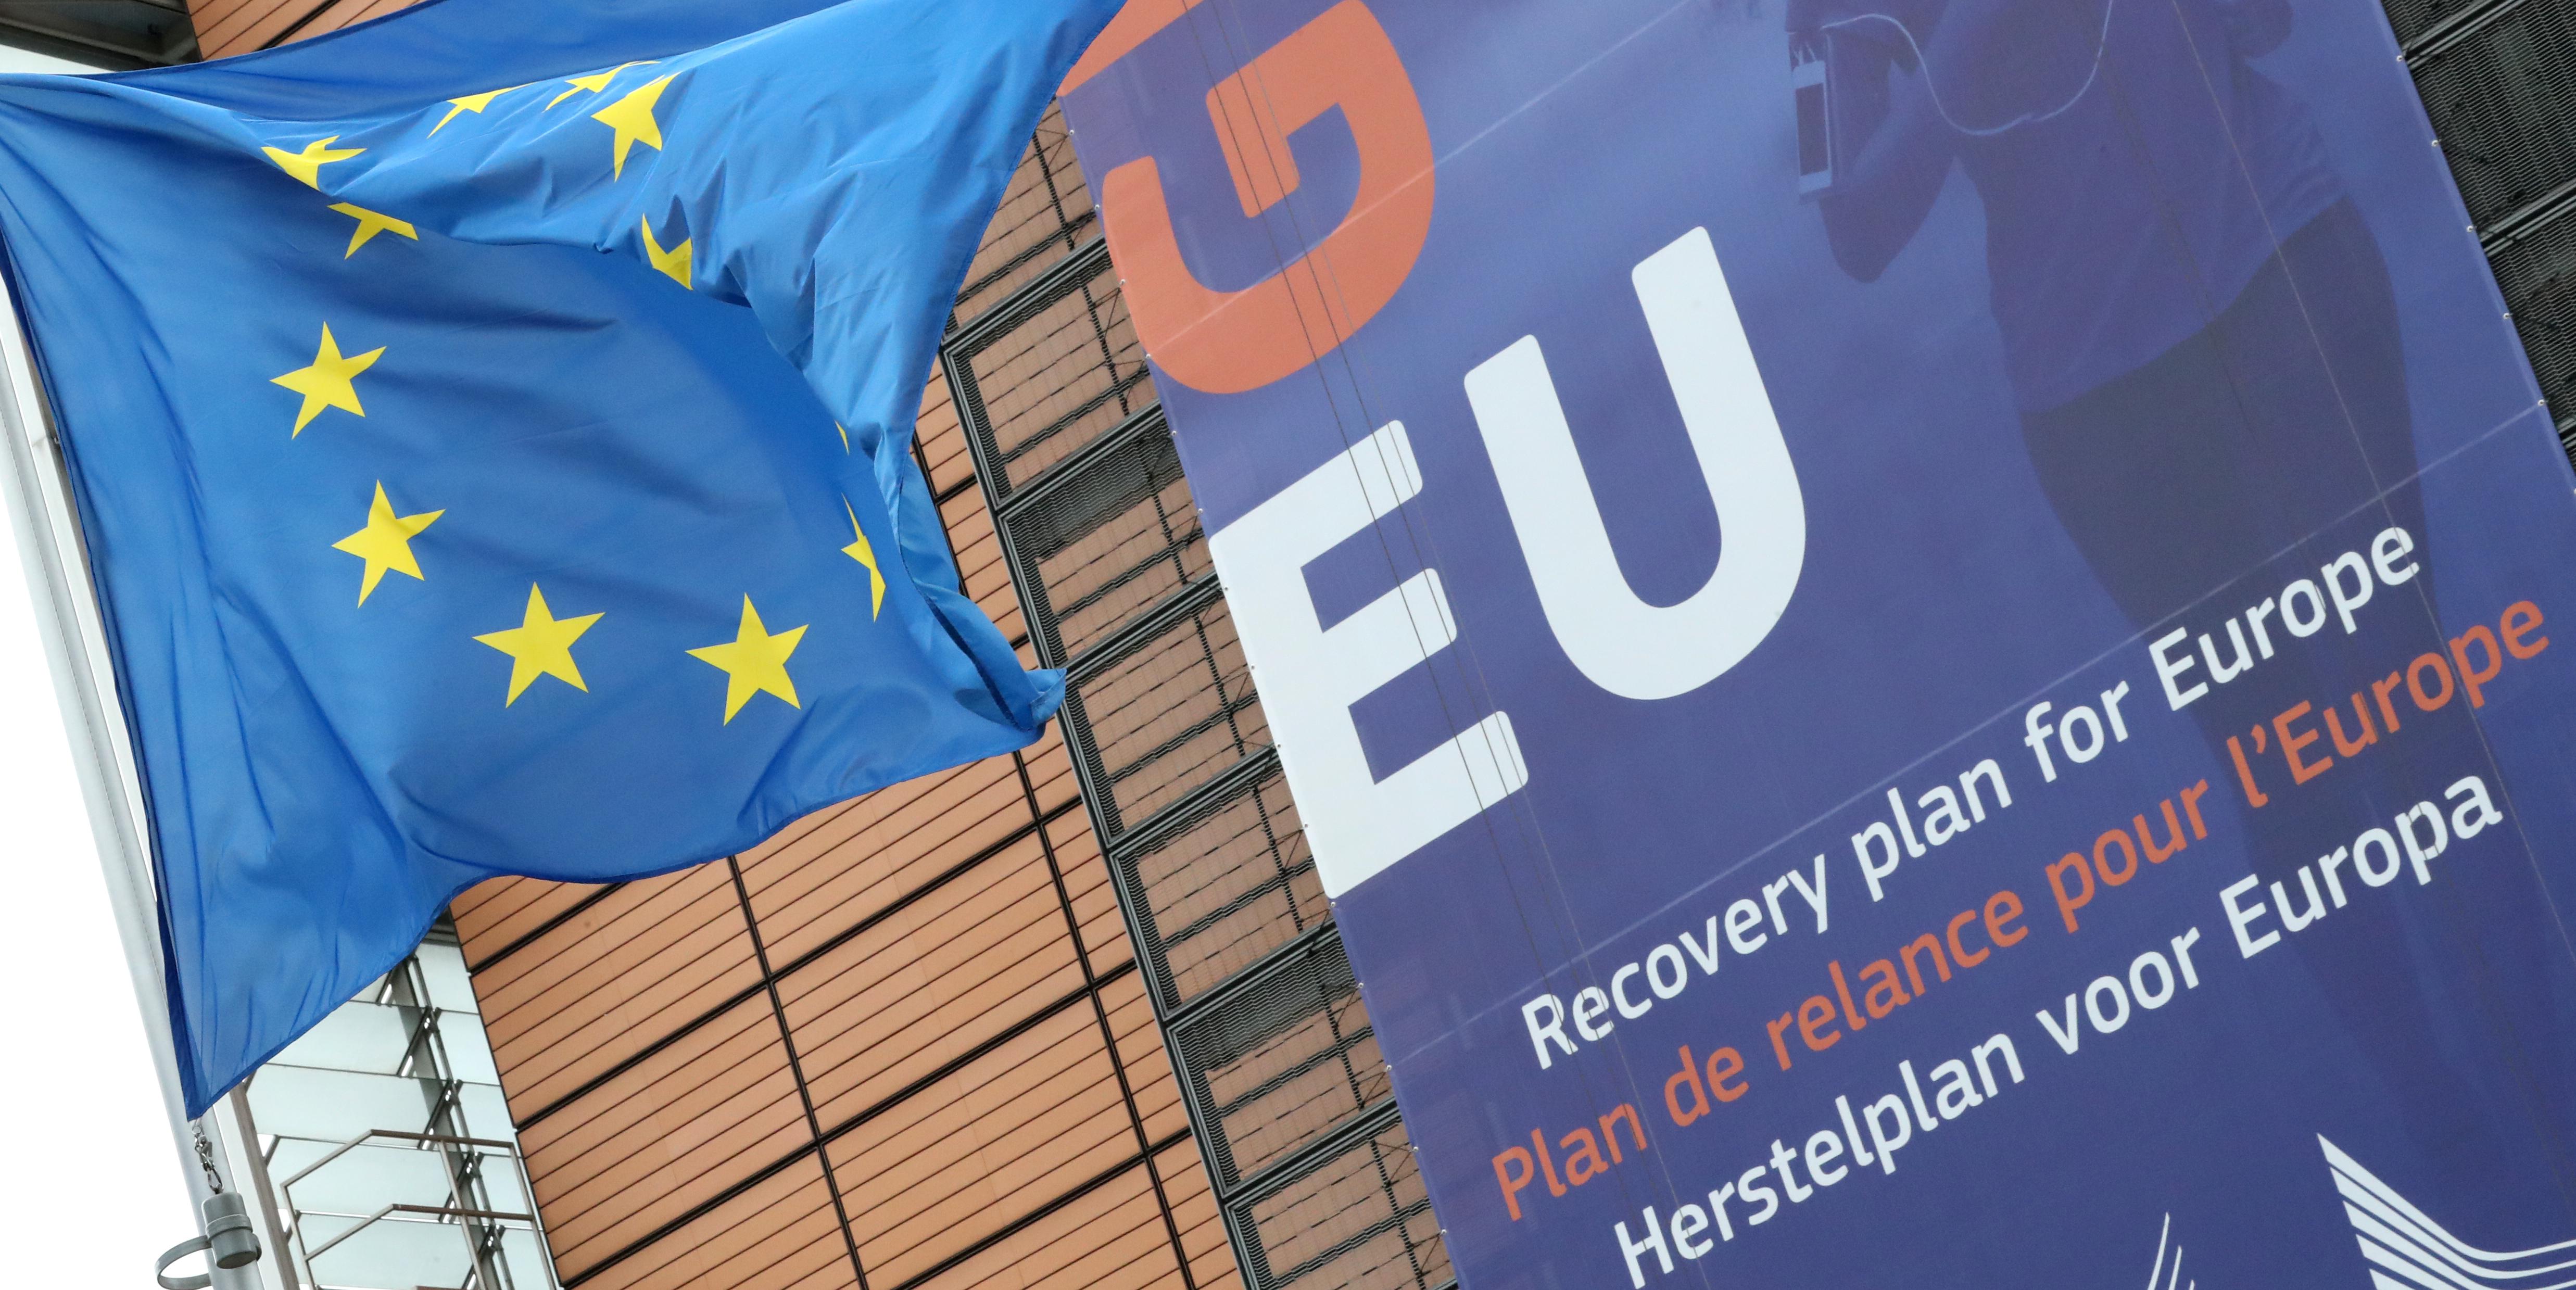 l-union-europeenne-a-la-recherche-d-un-accord-de-relance-economique-apres-le-coronavirus